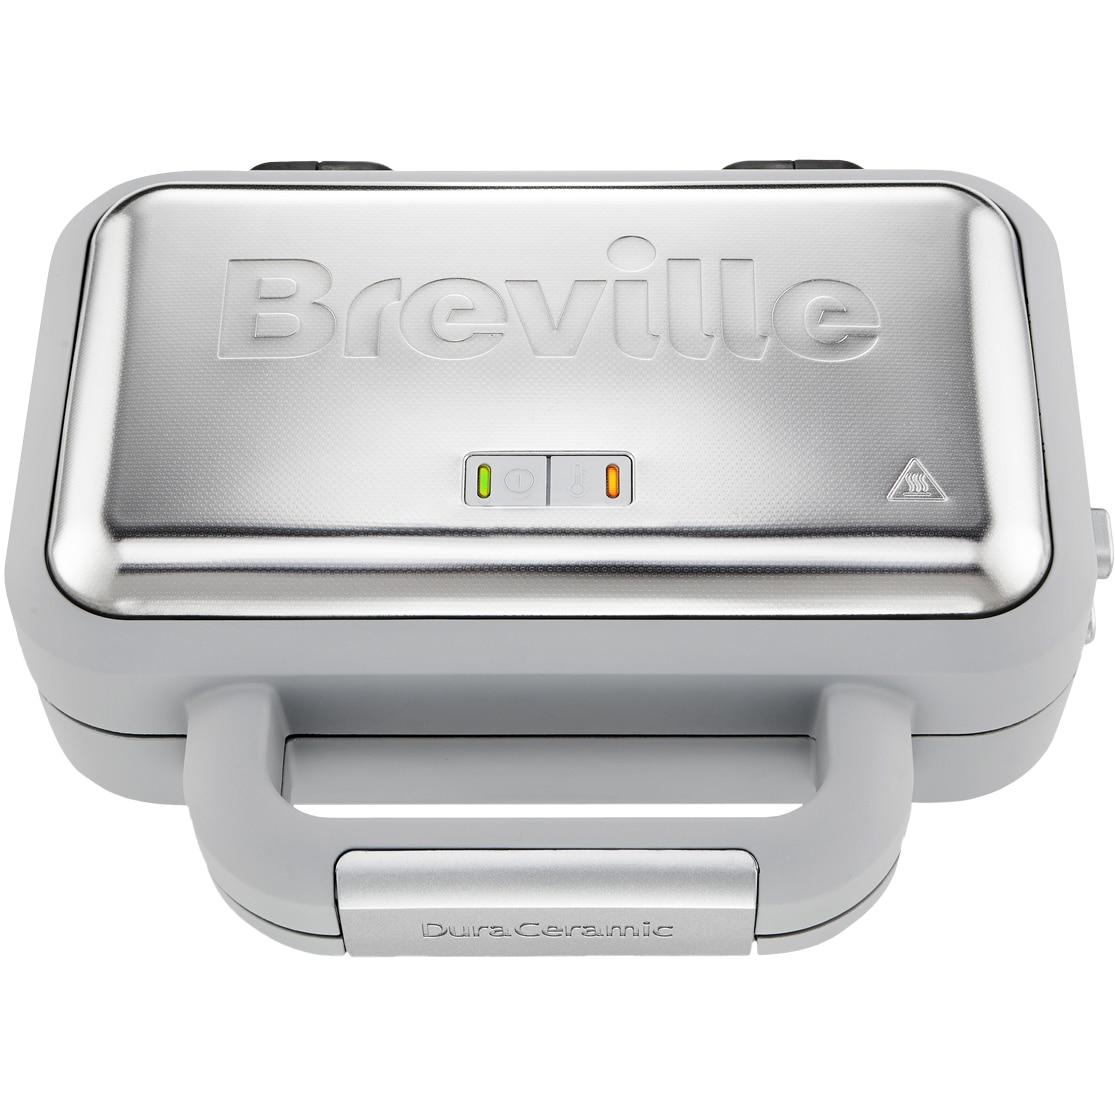 Fotografie Aparat de vafe Breville VST072X-01, 850W, Placi antiaderente Duraceramic, Inox/Alb